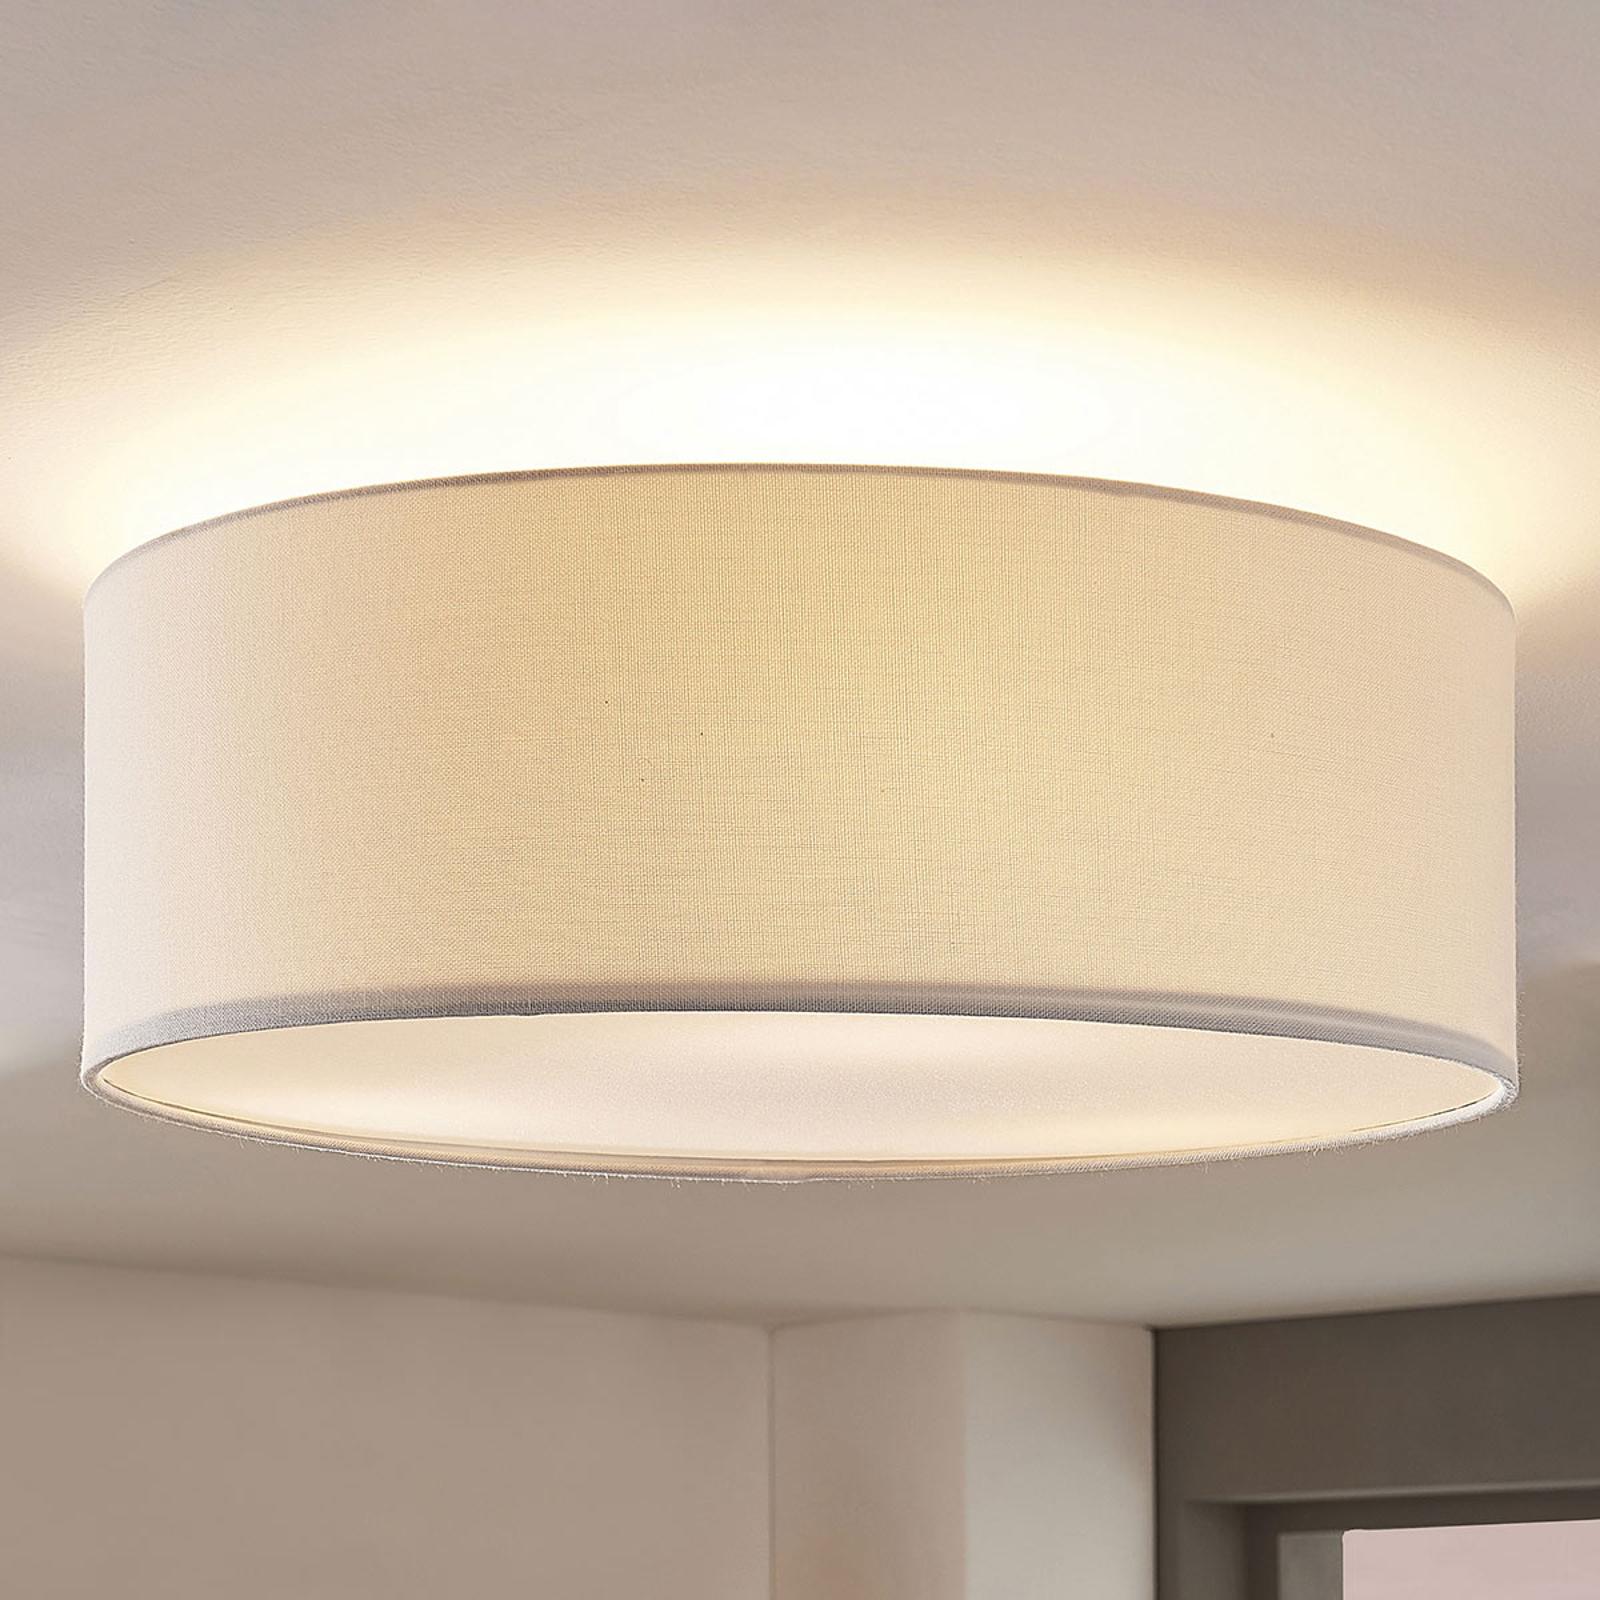 Stoff-taklampe Mariat med rund skjerm av lin